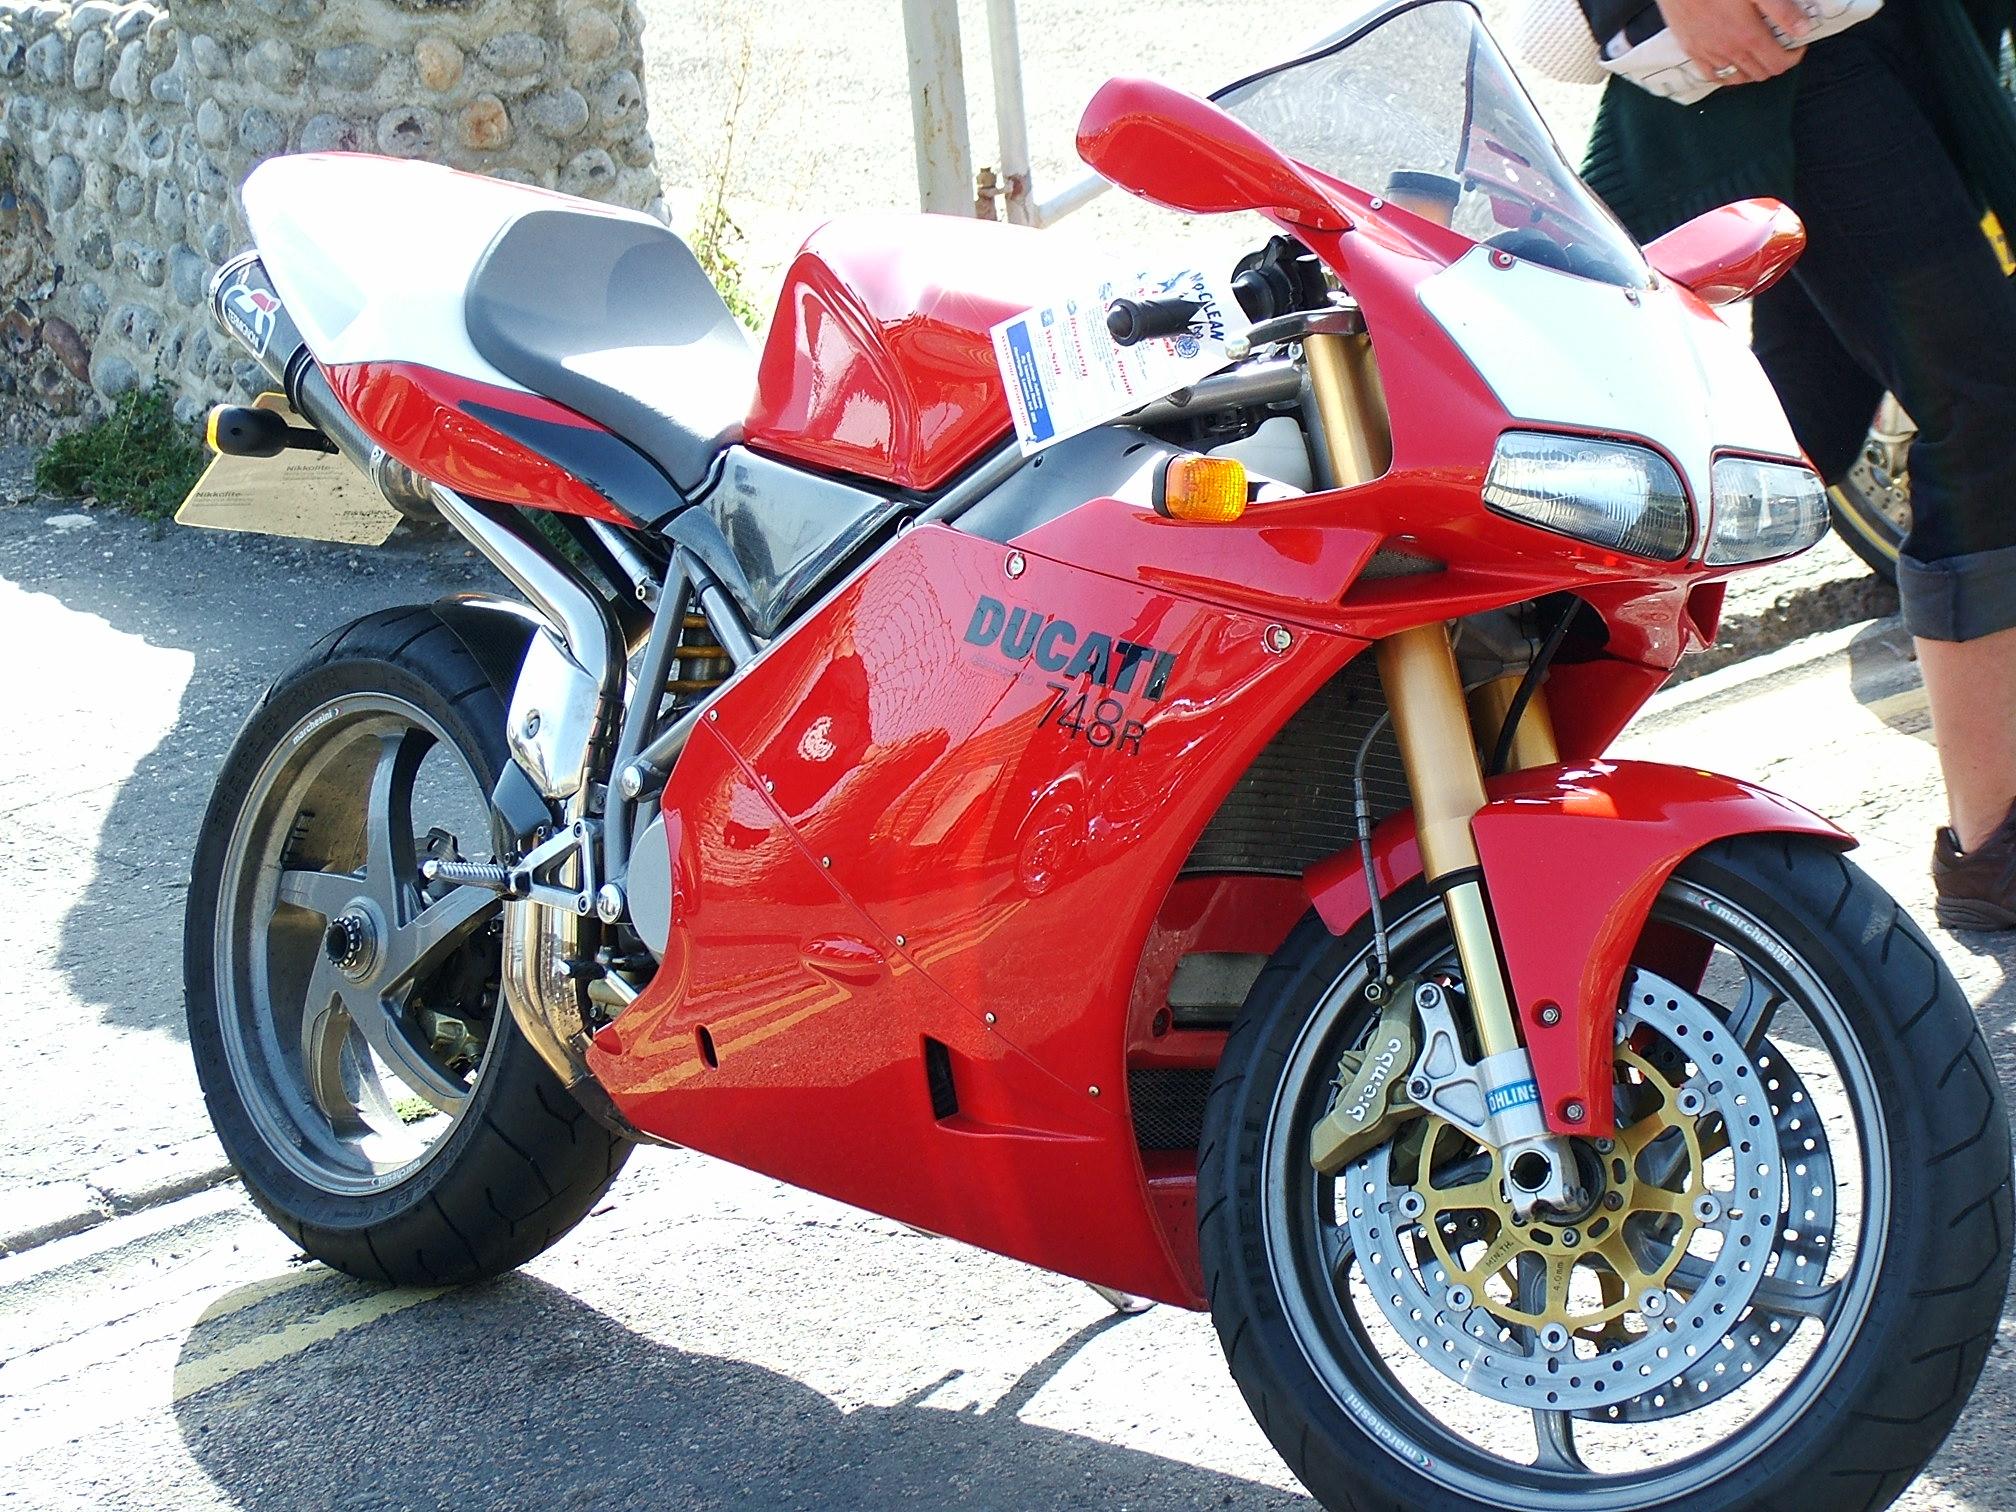 File:Ducati 748 R.jpg